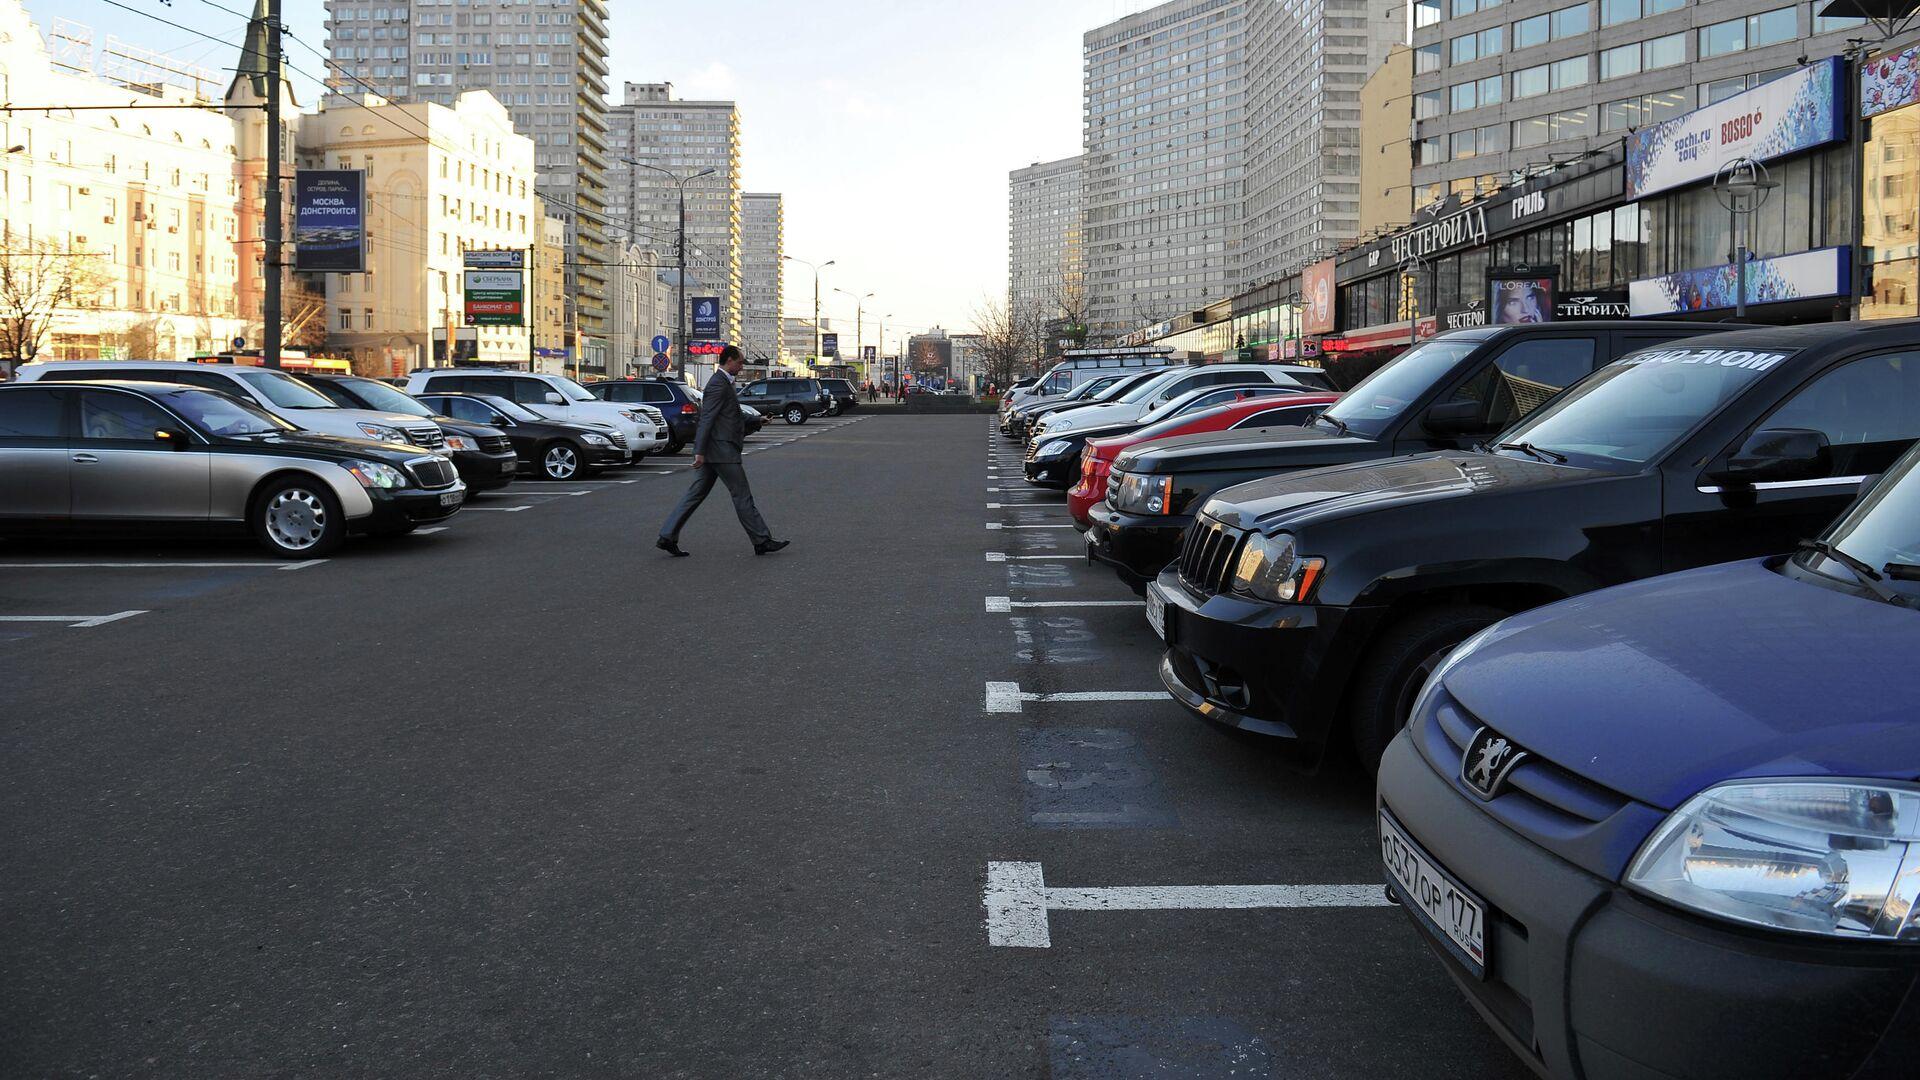 Открытие комплекса парковок на Новом Арбате - РИА Новости, 1920, 30.09.2020